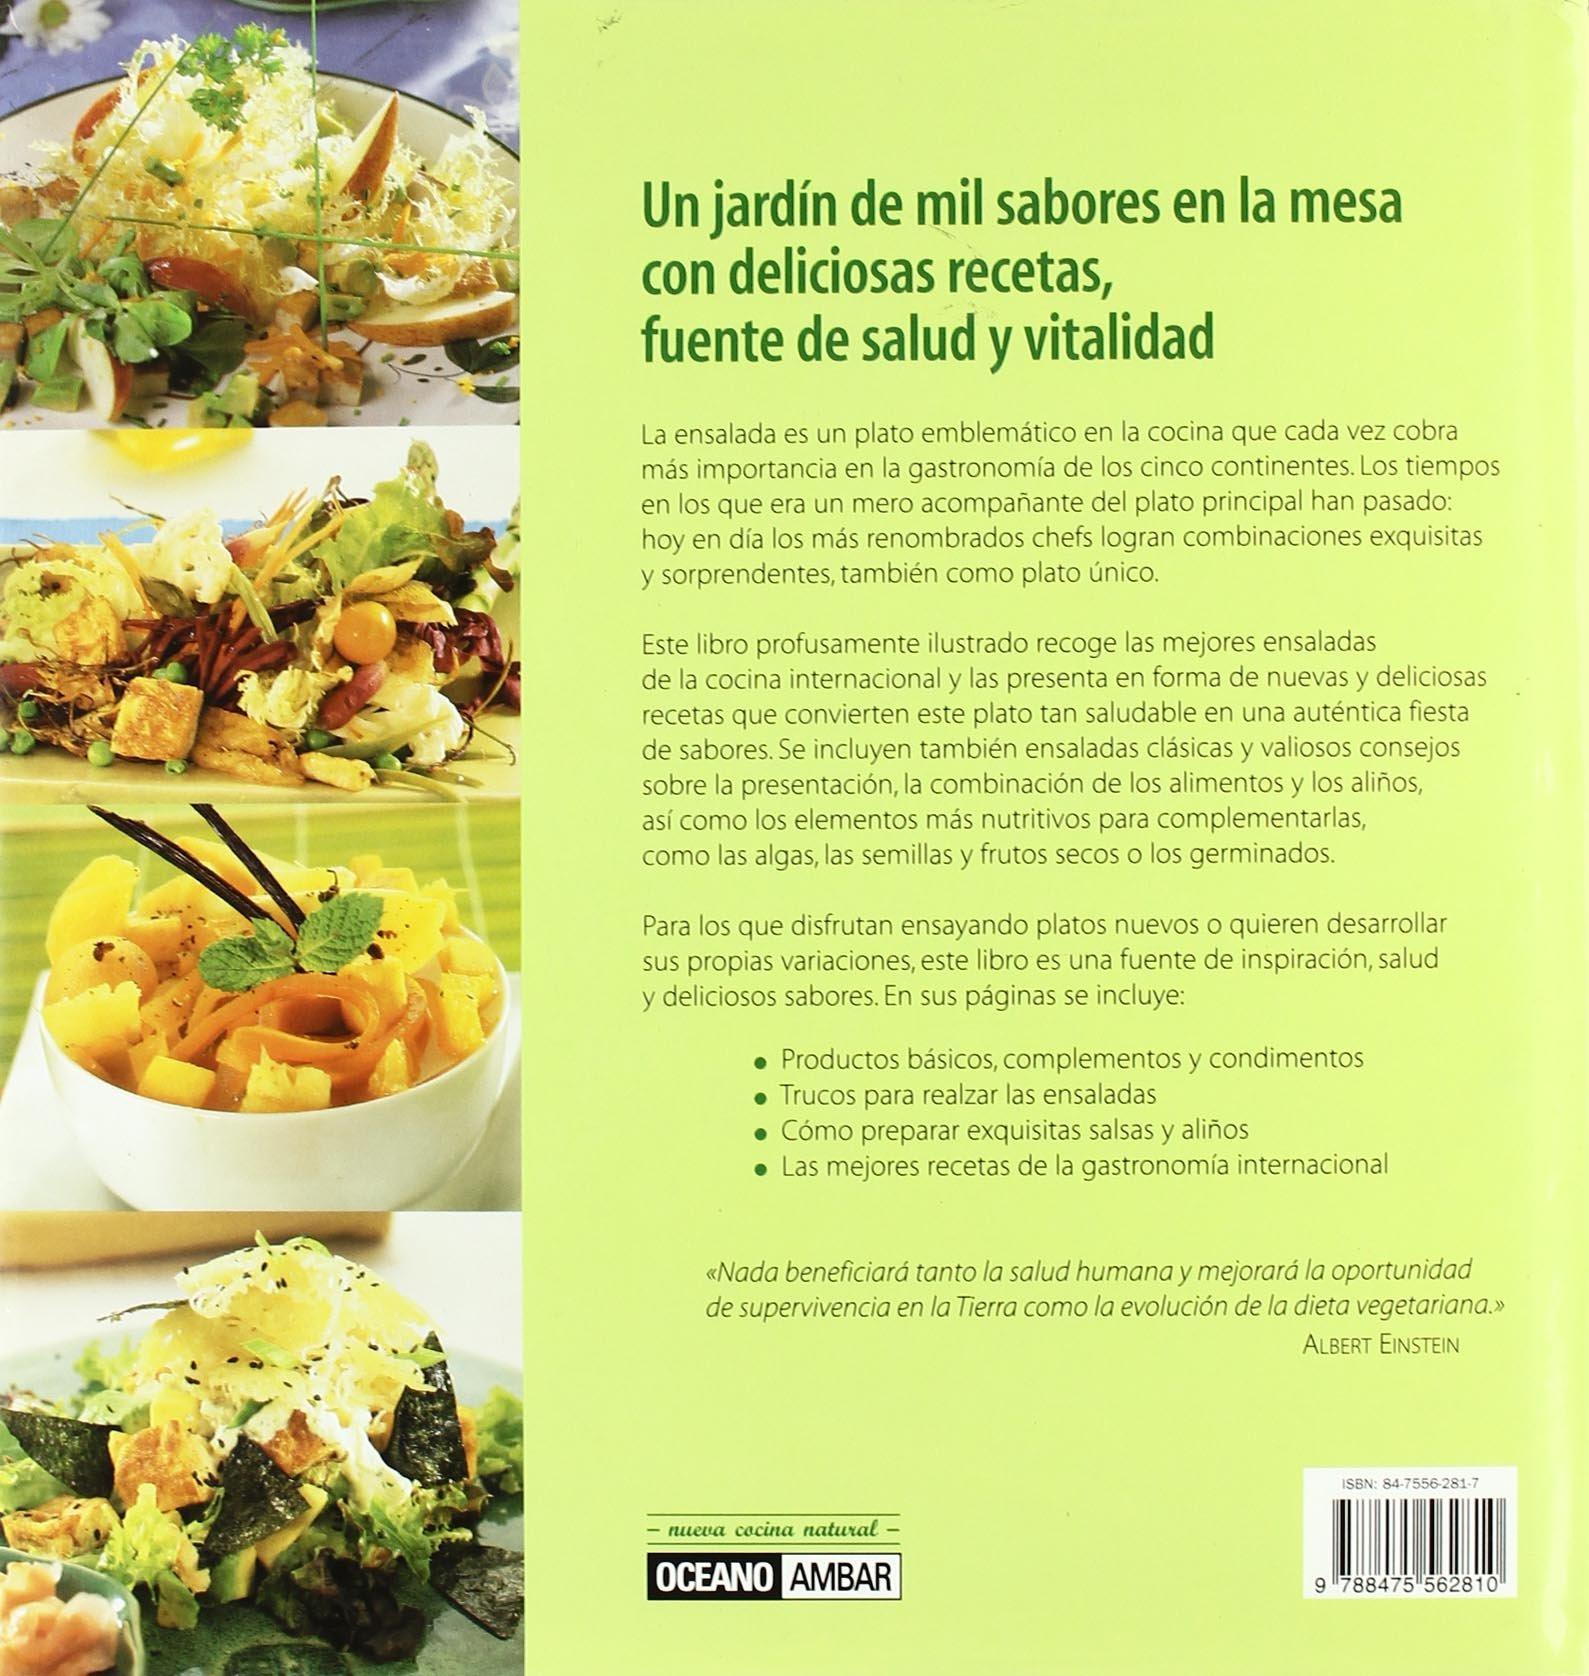 Ensaladas únicas: Las mejores ensaladas de la cocina internacional Cocina natural: Amazon.es: Adriana Ortemberg: Libros